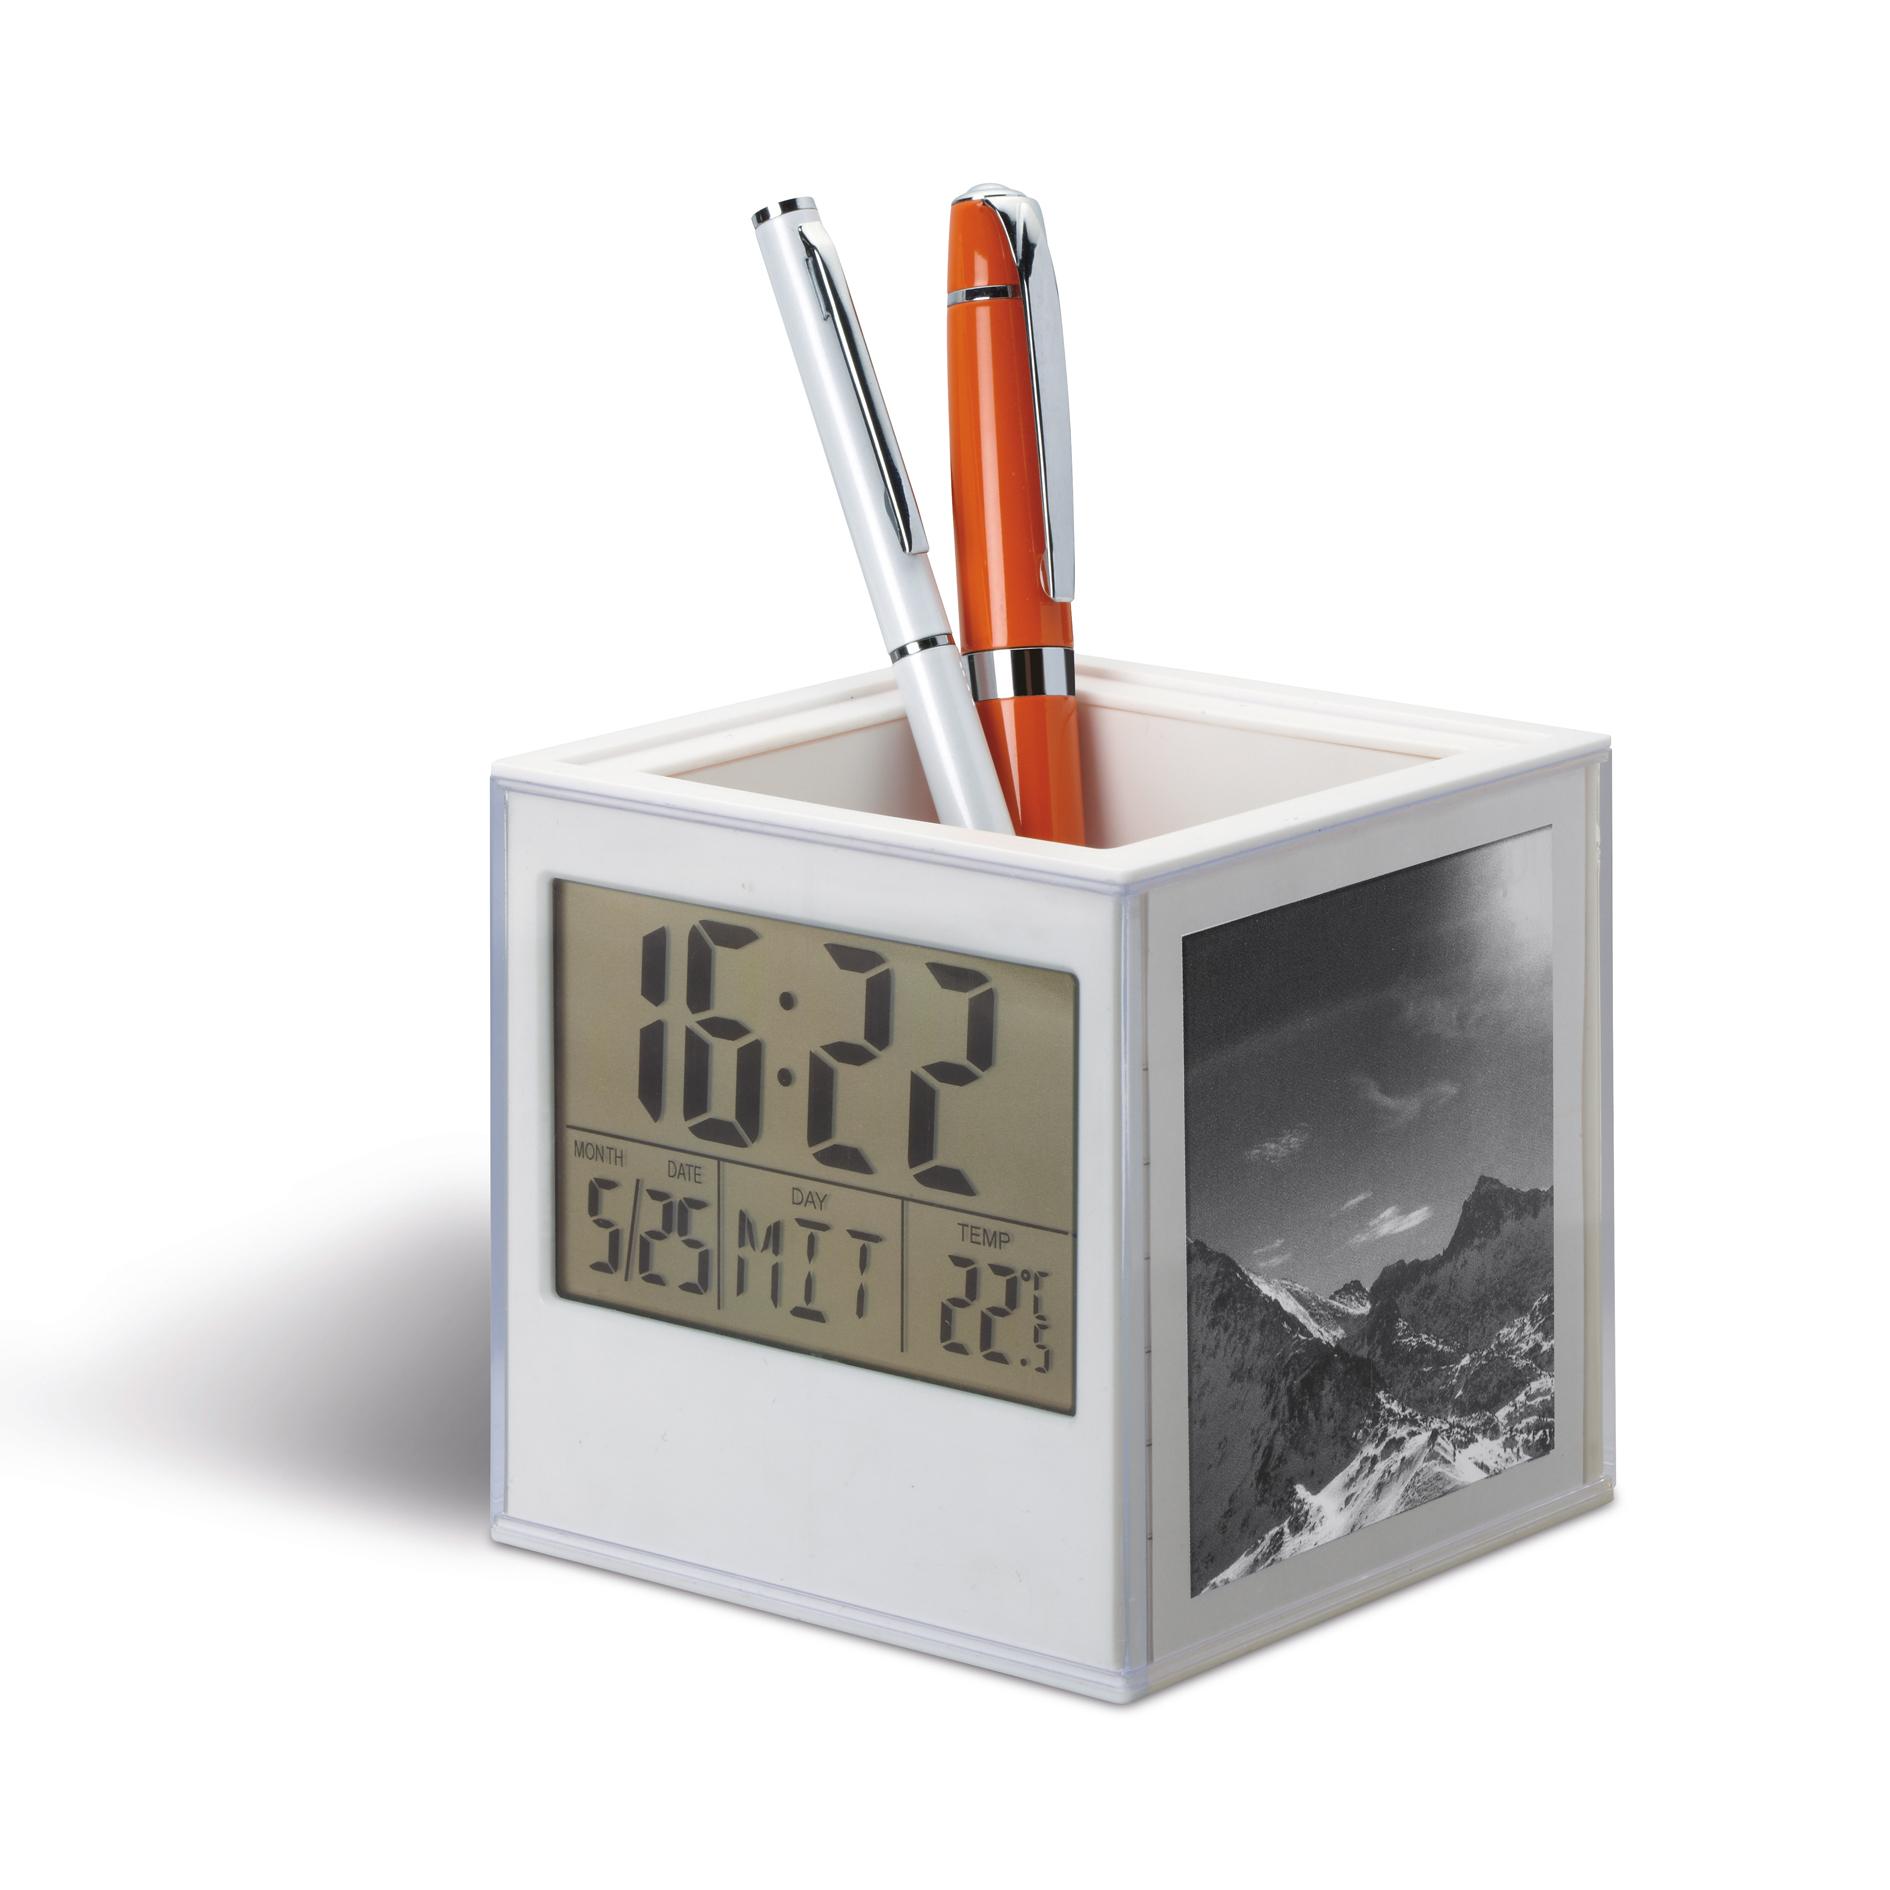 Stifteköcher mit Uhr, Th ...